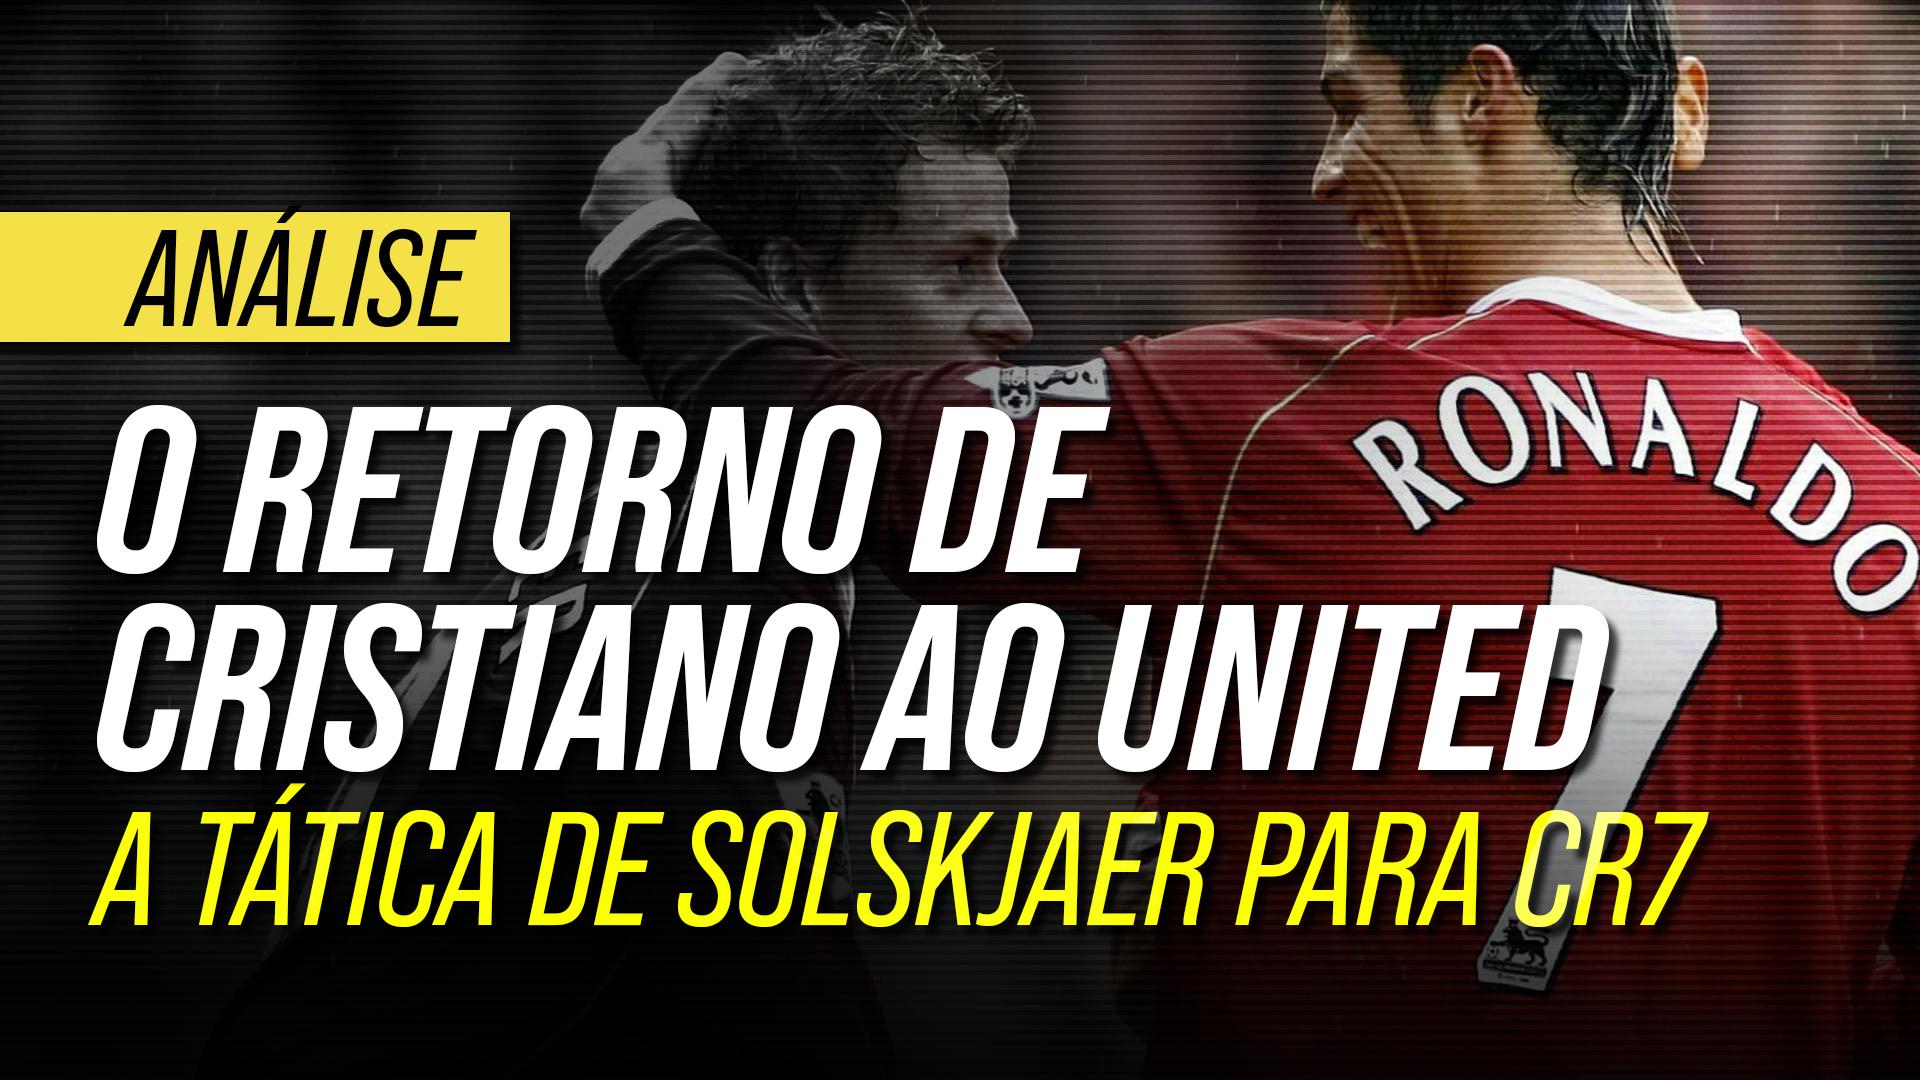 Cristiano Ronaldo no United e a tática de Solskjaer: como escalar o CR7?